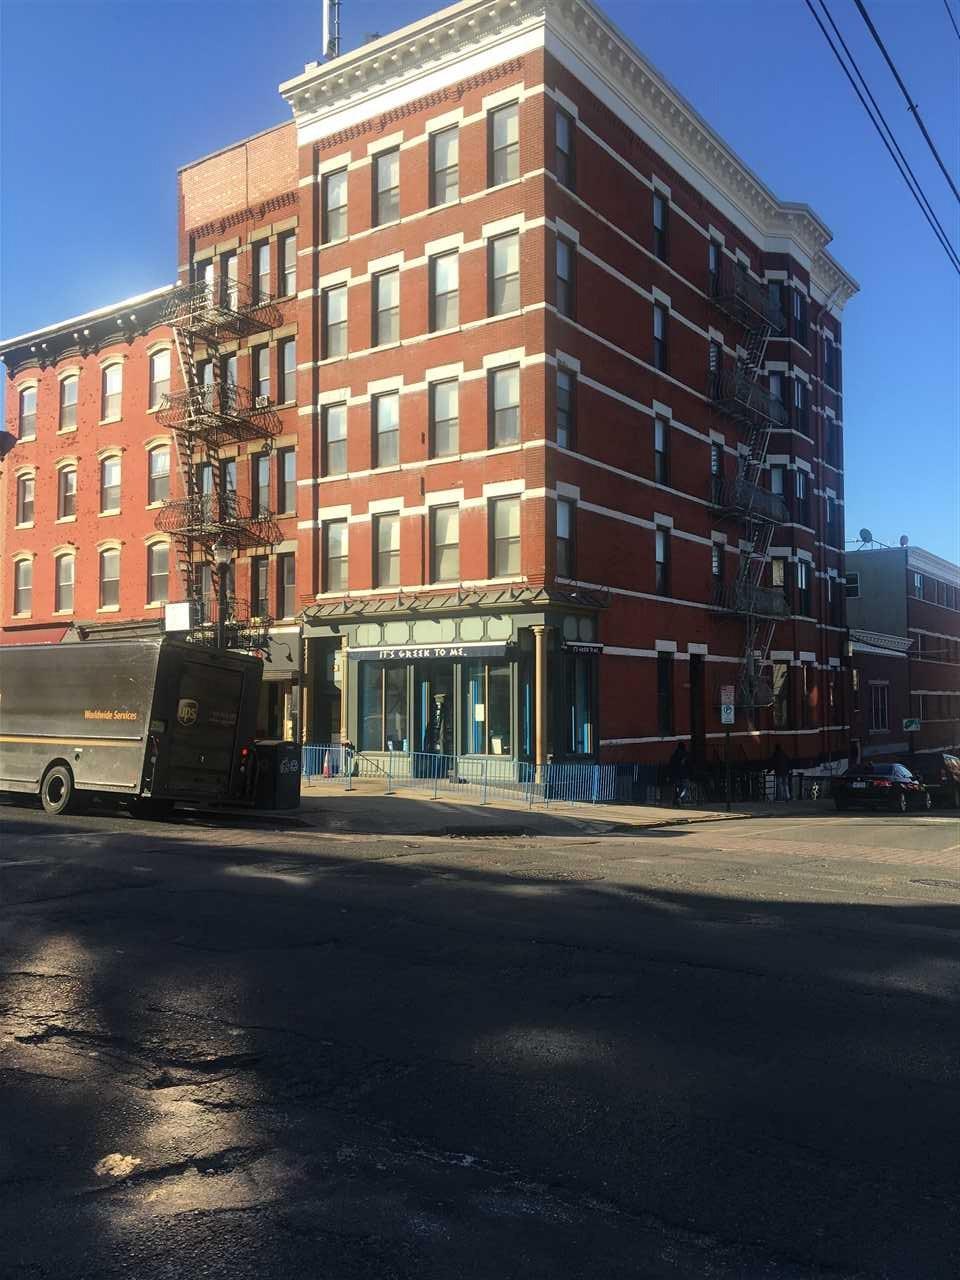 538 WASHINGTON ST, Hoboken, NJ 07030